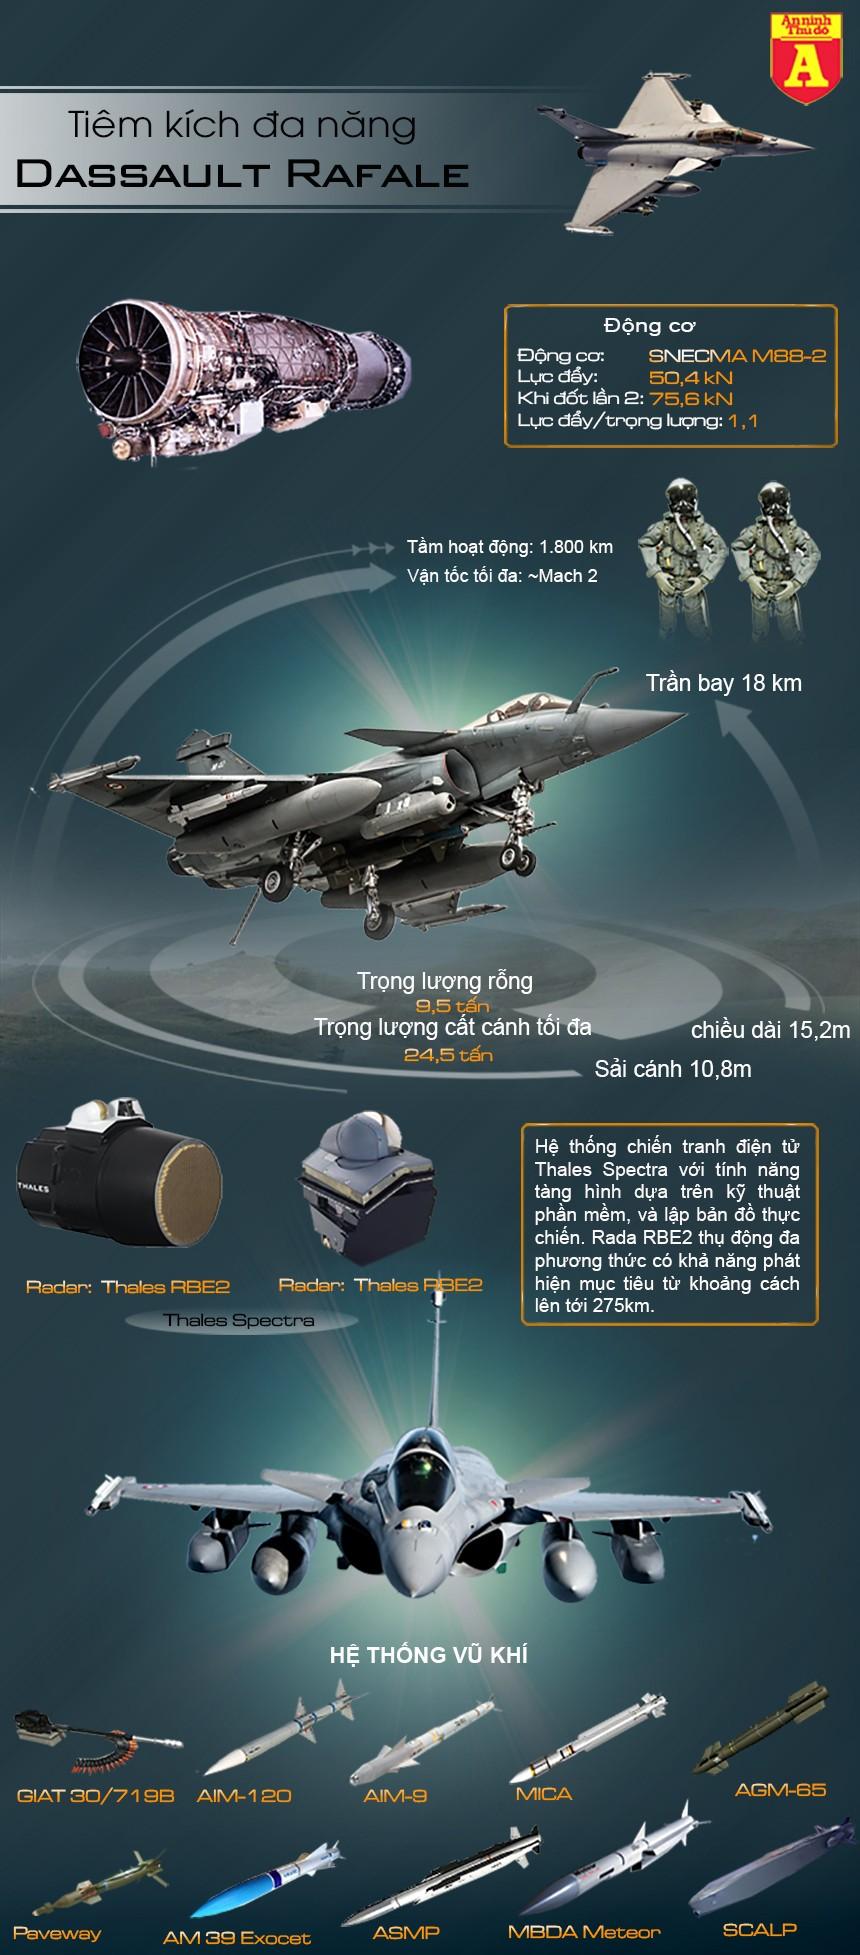 [Infographic] Tại sao Rafale, niềm tự hào của Pháp lại 'gãy cánh' trước 'Tia chớp' F-35 ảnh 2